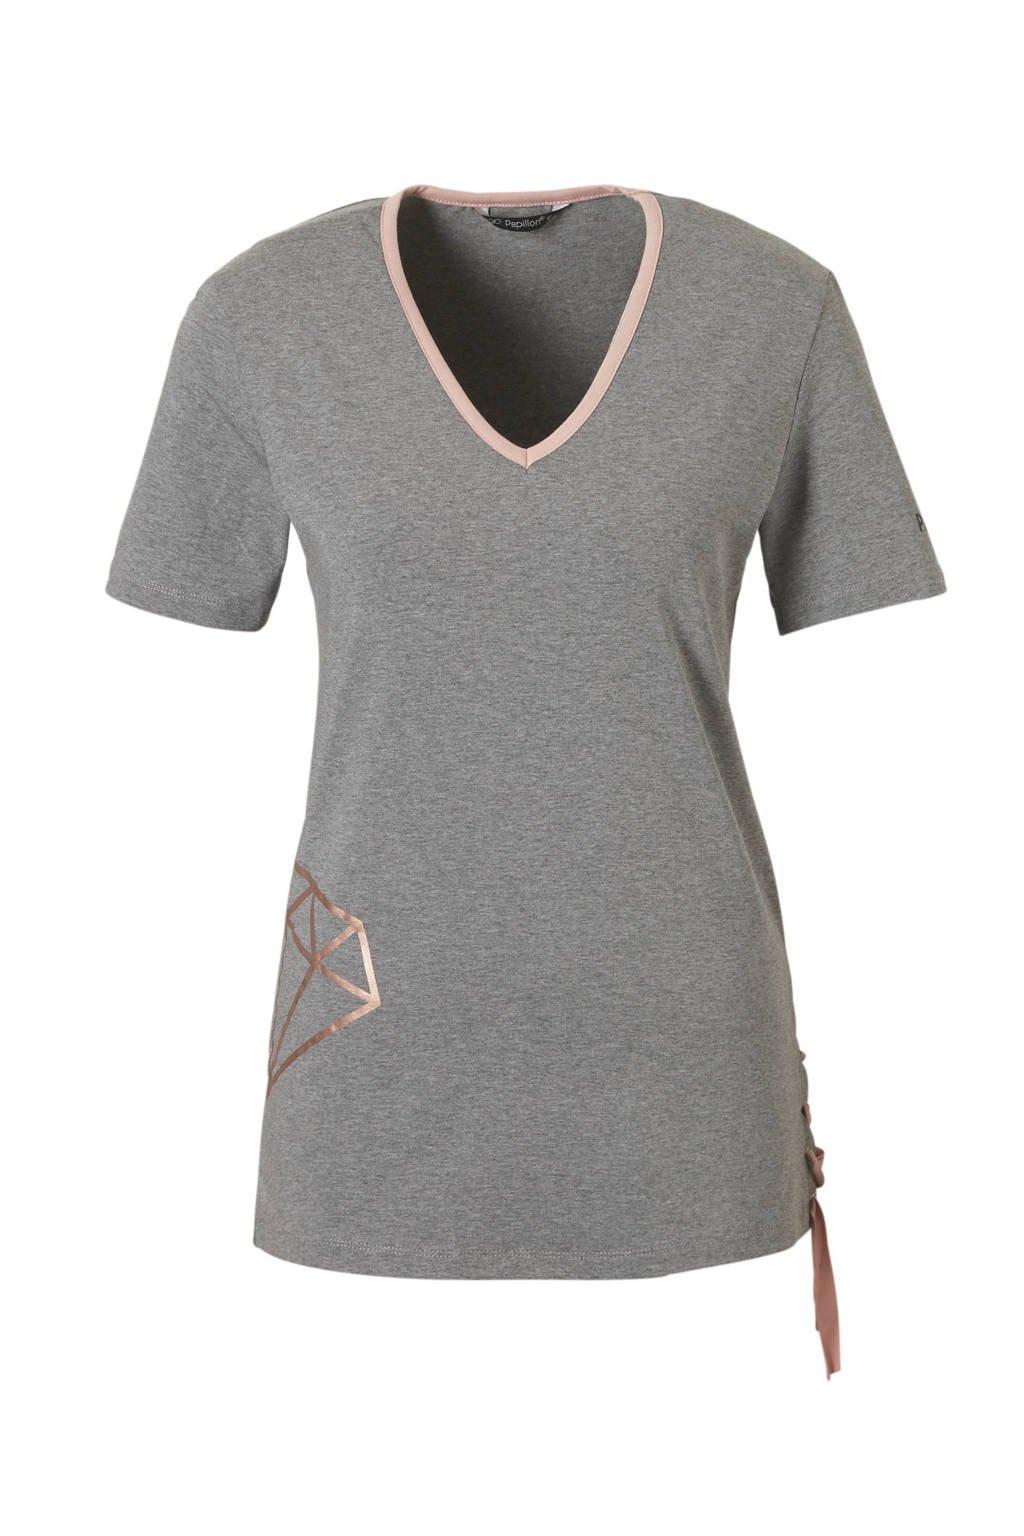 Papillon sport T-shirt grijs, Grijs/roze